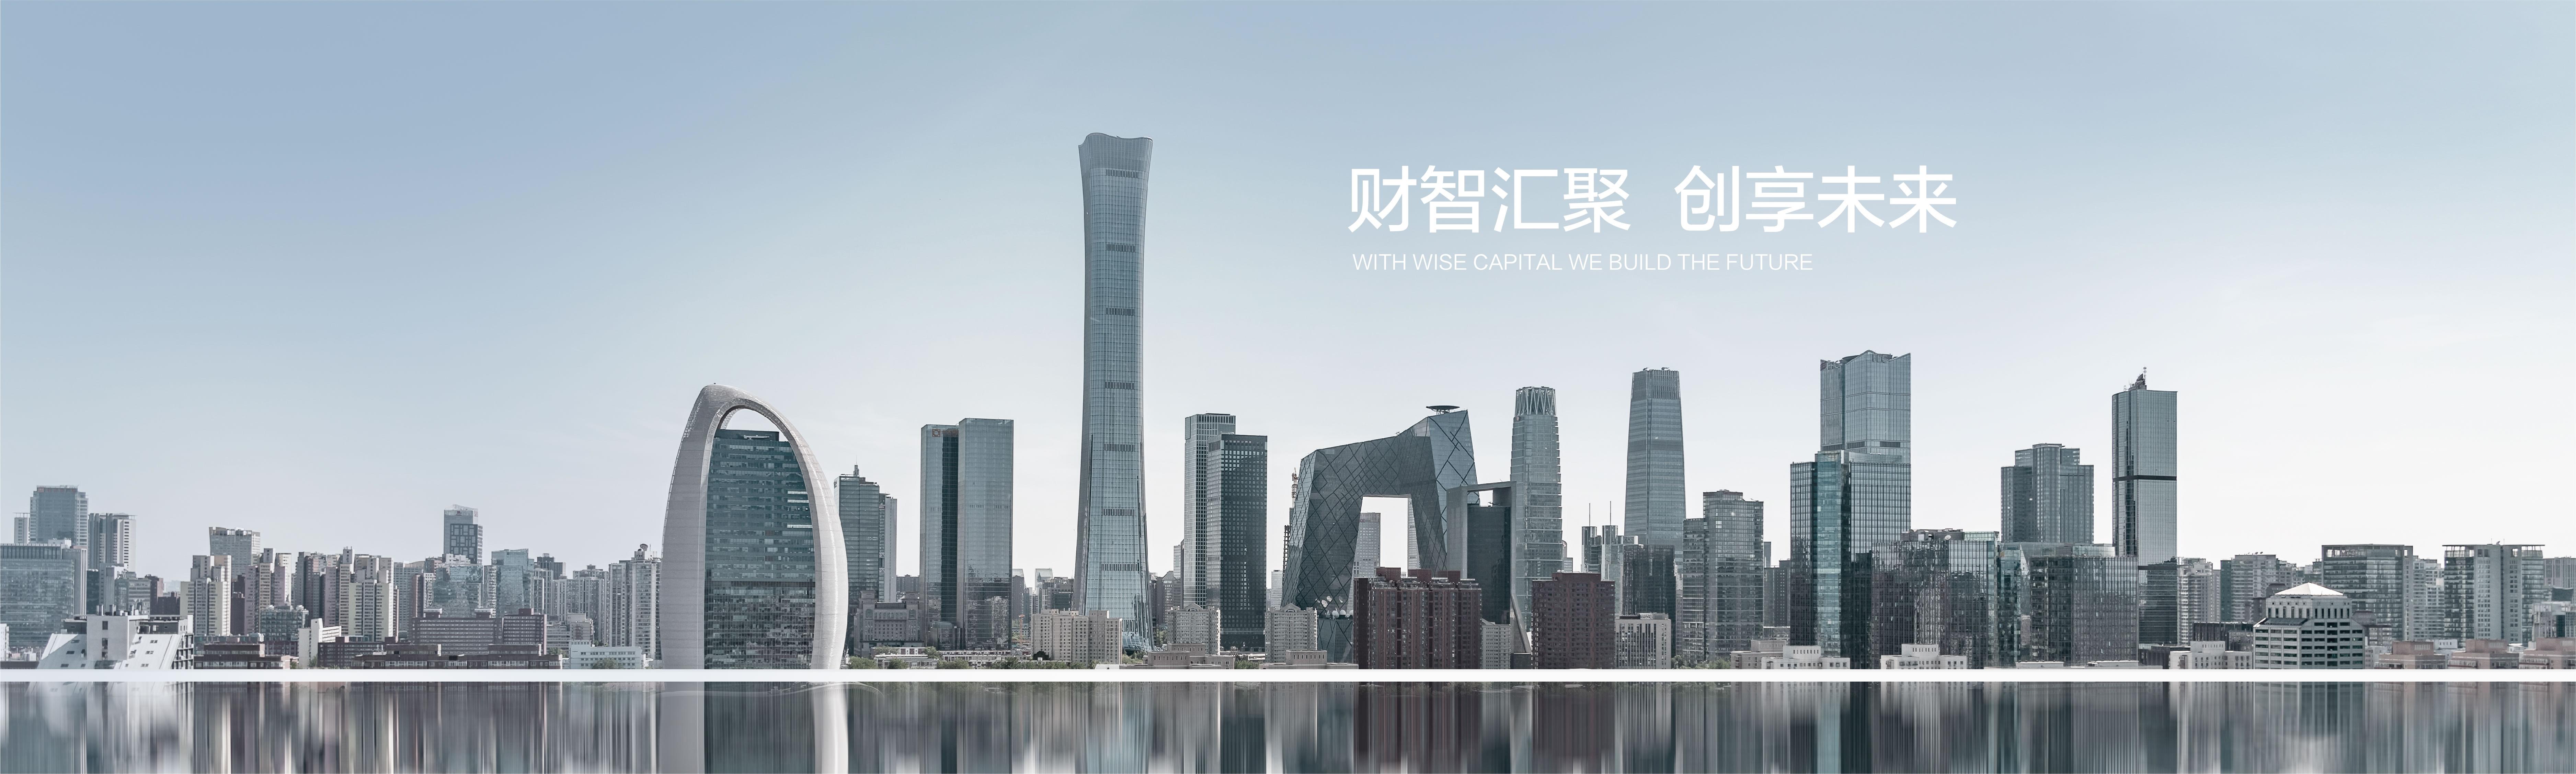 首金资本管理有限公司官方网站